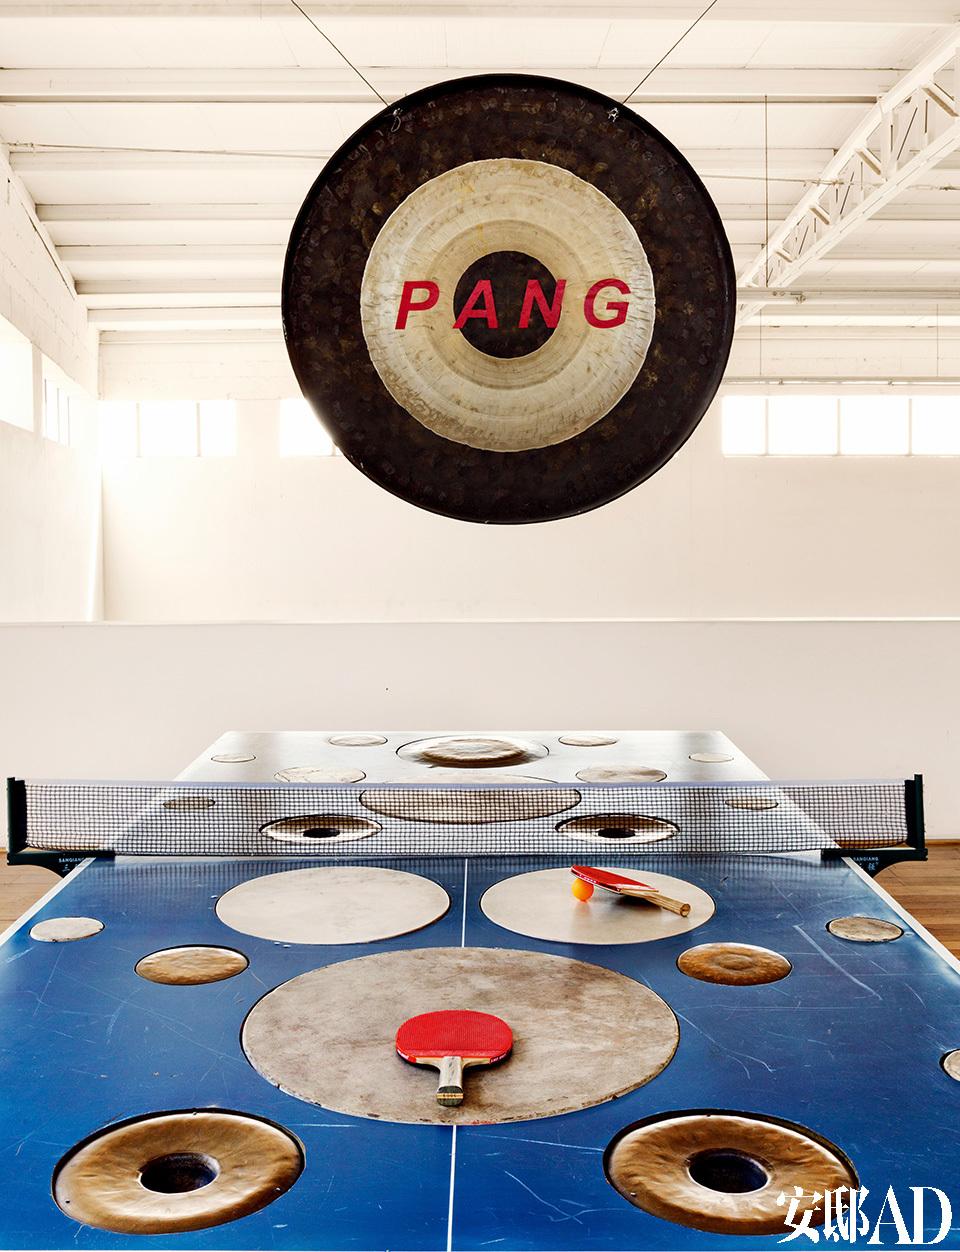 乒乓球台也是黄锐的作品,打起来声音宏亮,犹如敲锣打鼓。巨大的打乒乓用的球台,打起来声音洪亮,犹如敲锣打鼓一般。